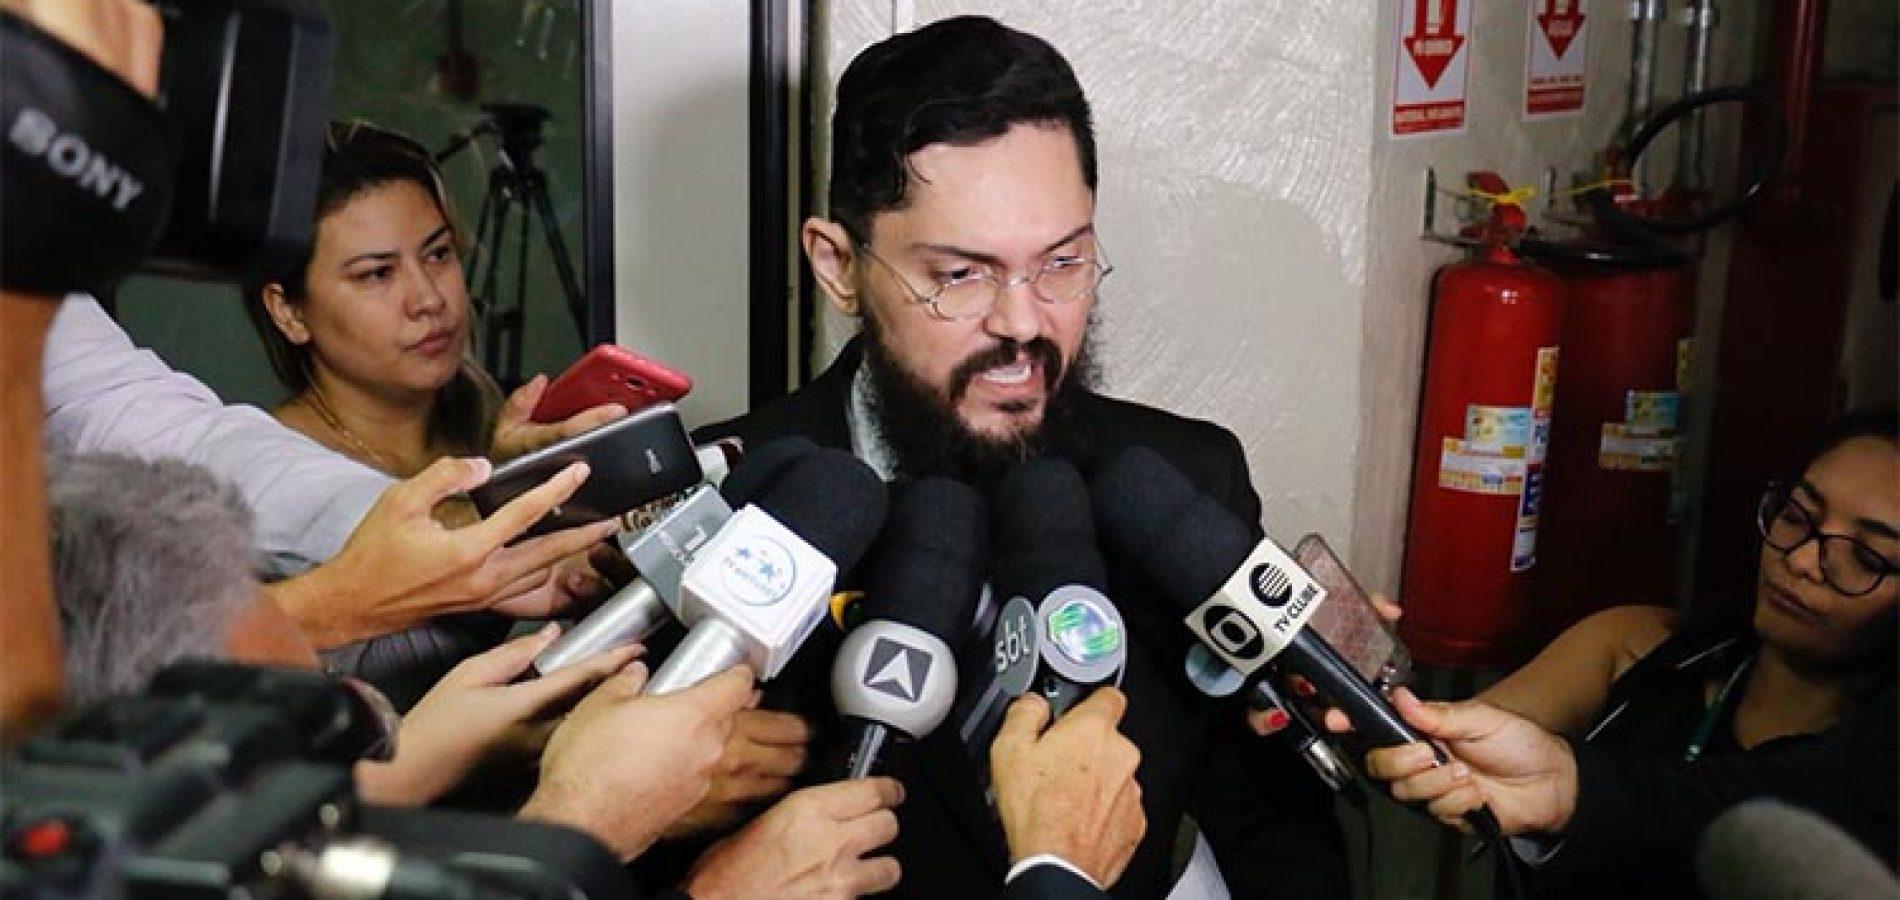 MP Eleitoral recorre para impugnar votos de seção do deputado Dr. Pessoa